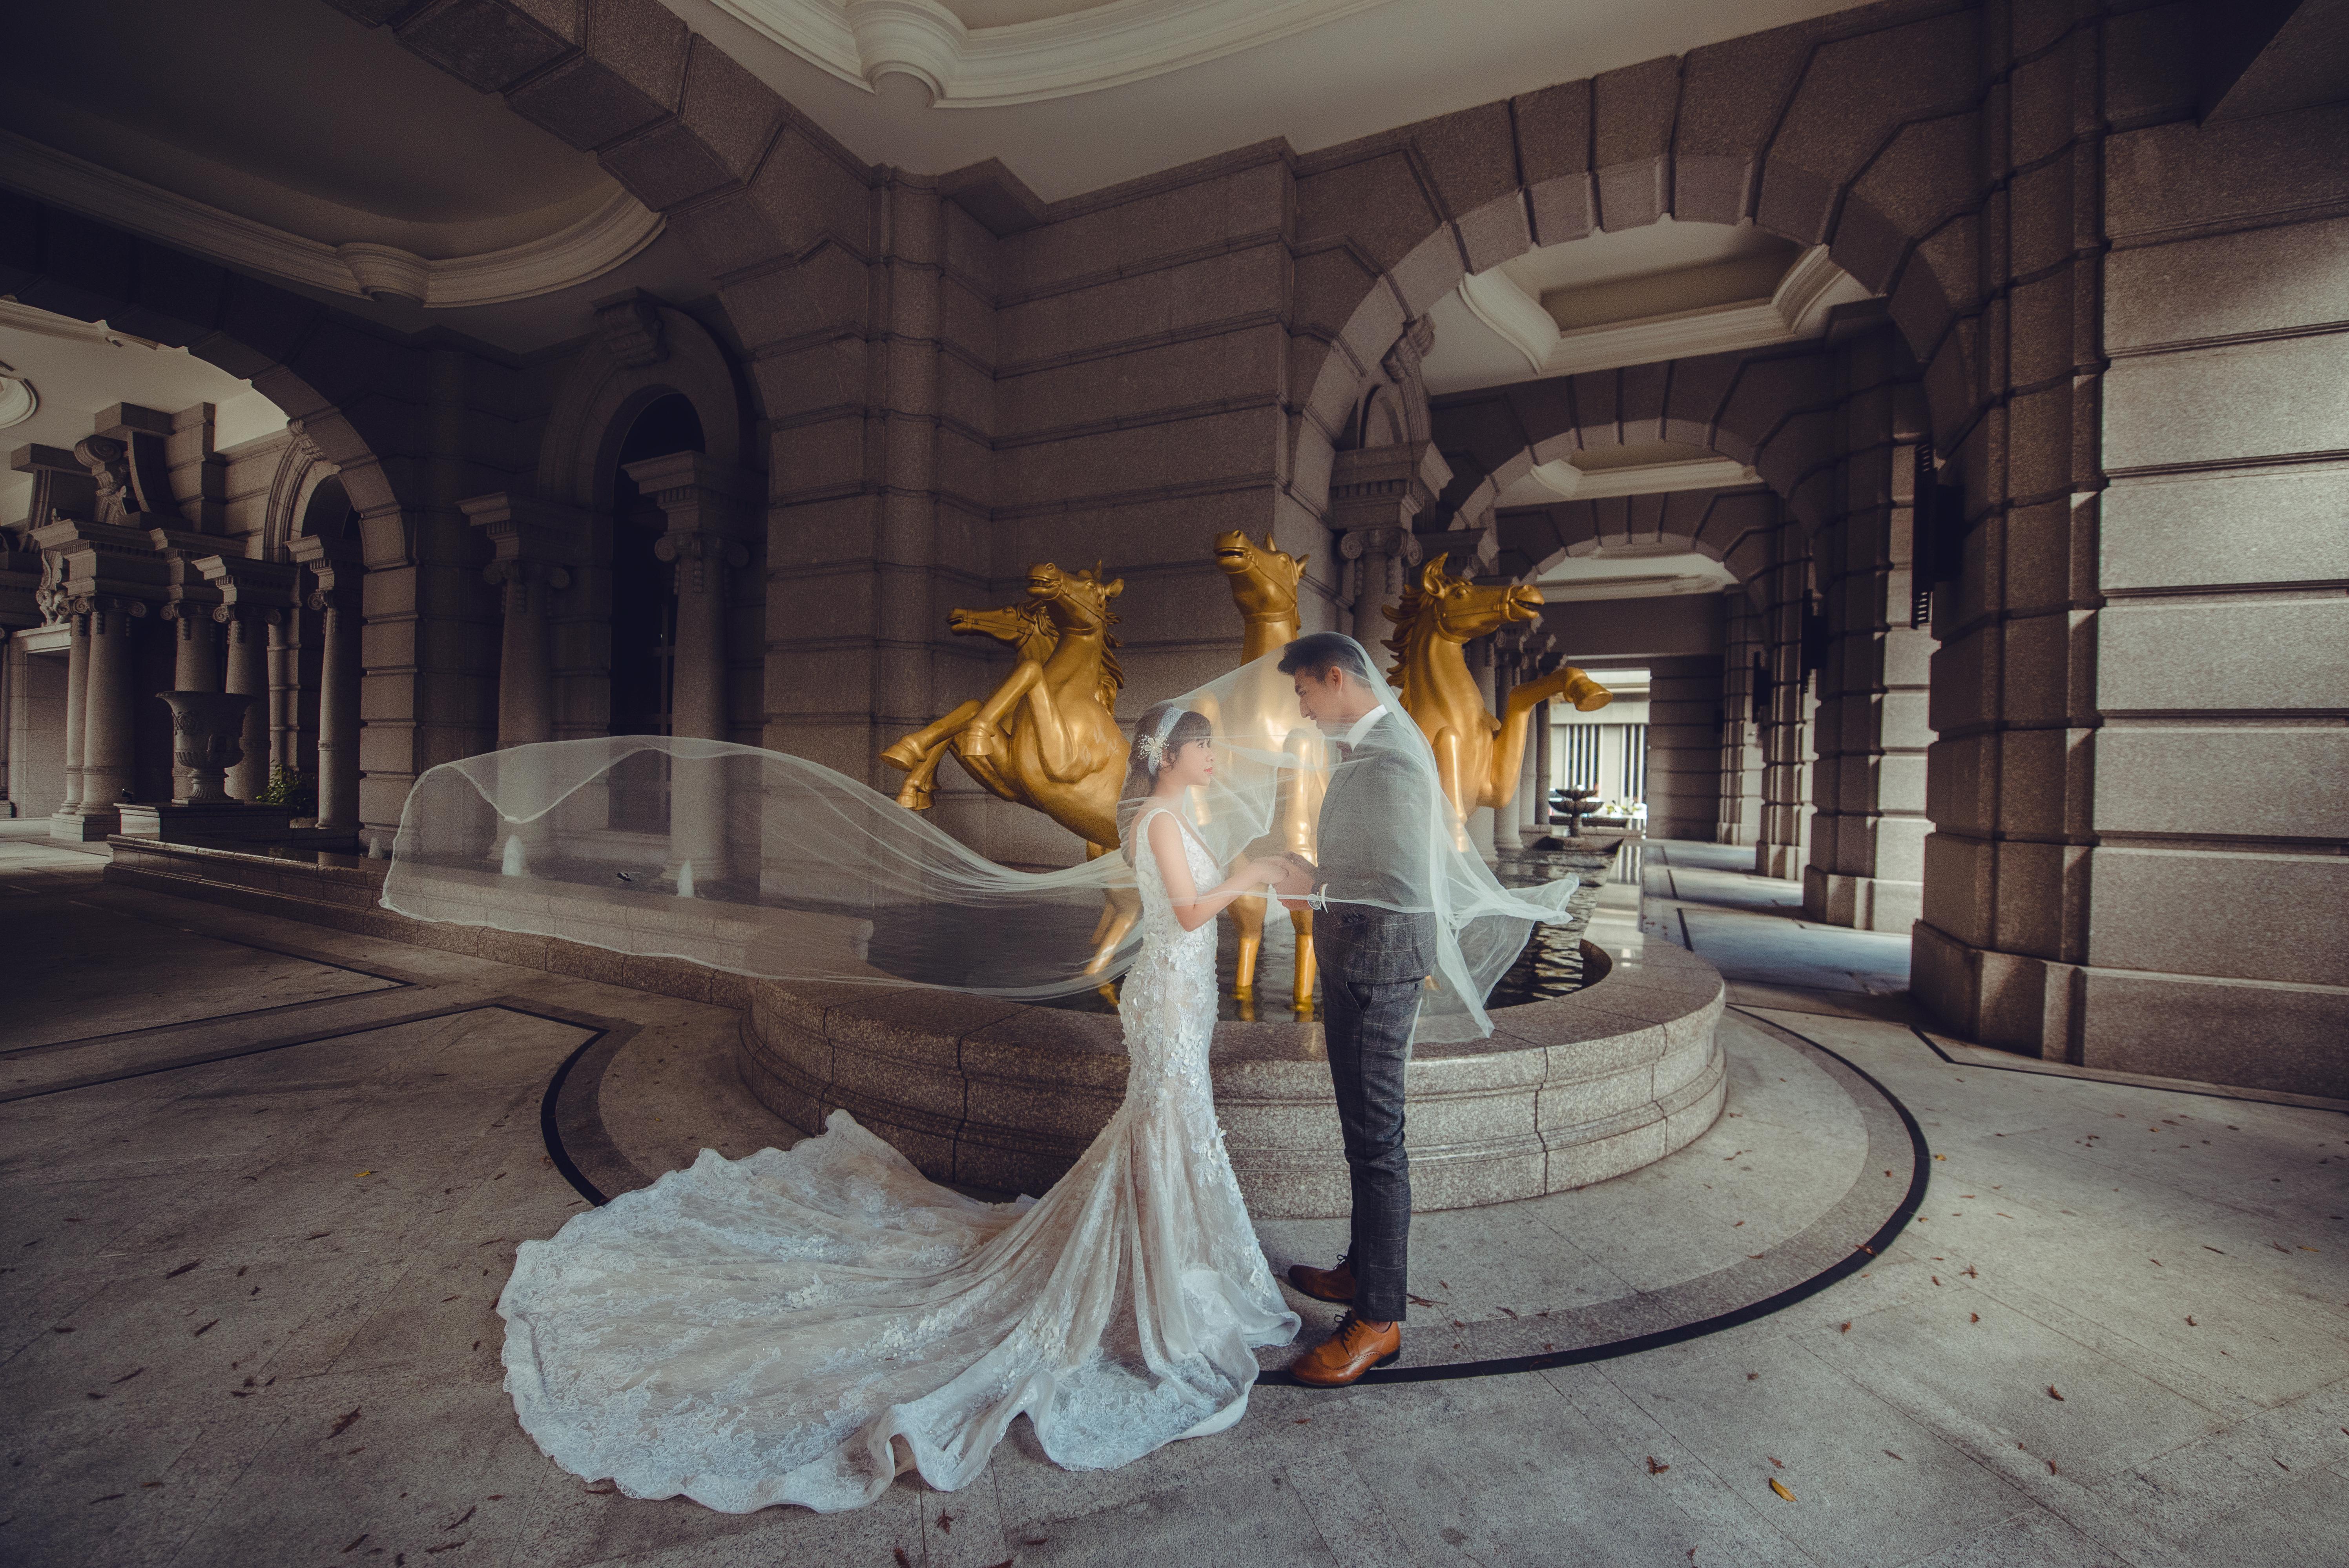 台中古典婚紗攝影,台中婚紗赫里翁,台中婚紗秘境攝影,台中復古禮服推薦